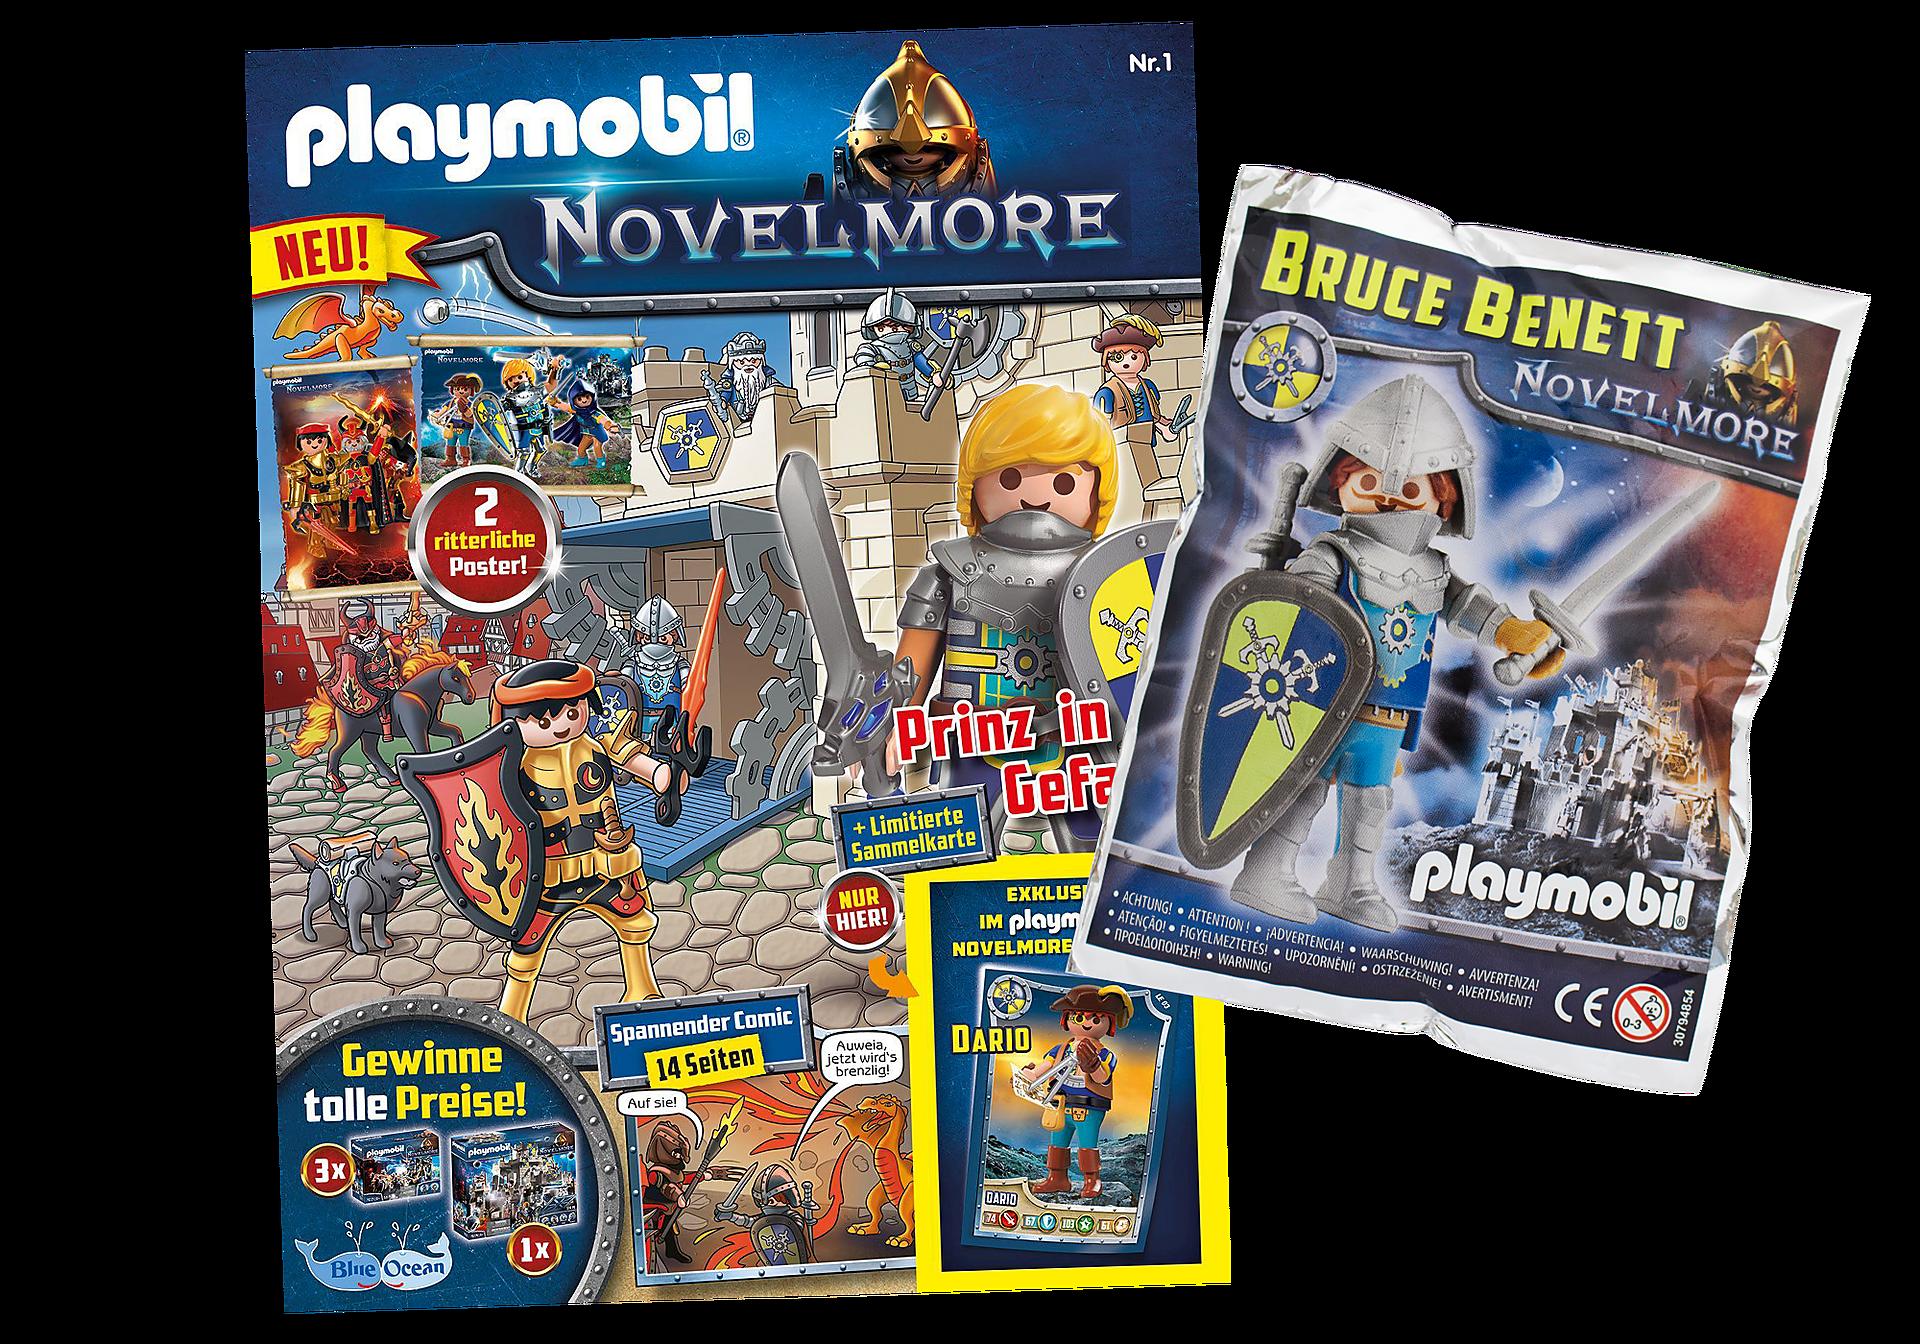 80643 PLAYMOBIL Novelmore-Magazin 1/2020 zoom image1